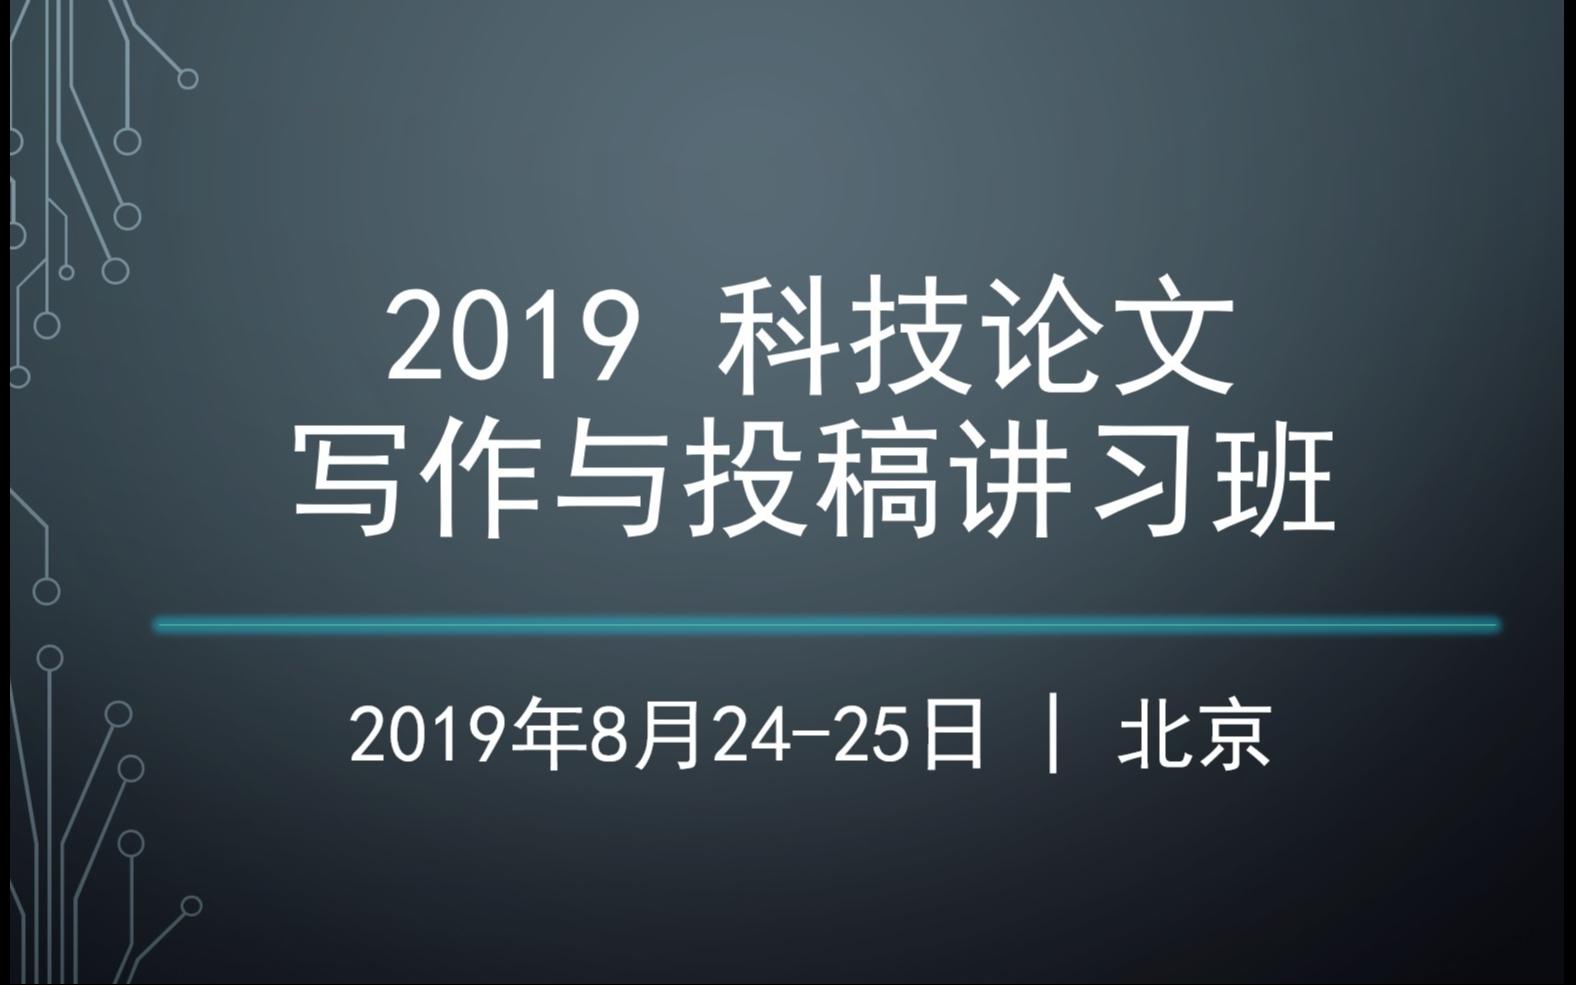 2019年有哪些科技会议 近期科技行业跑会指南